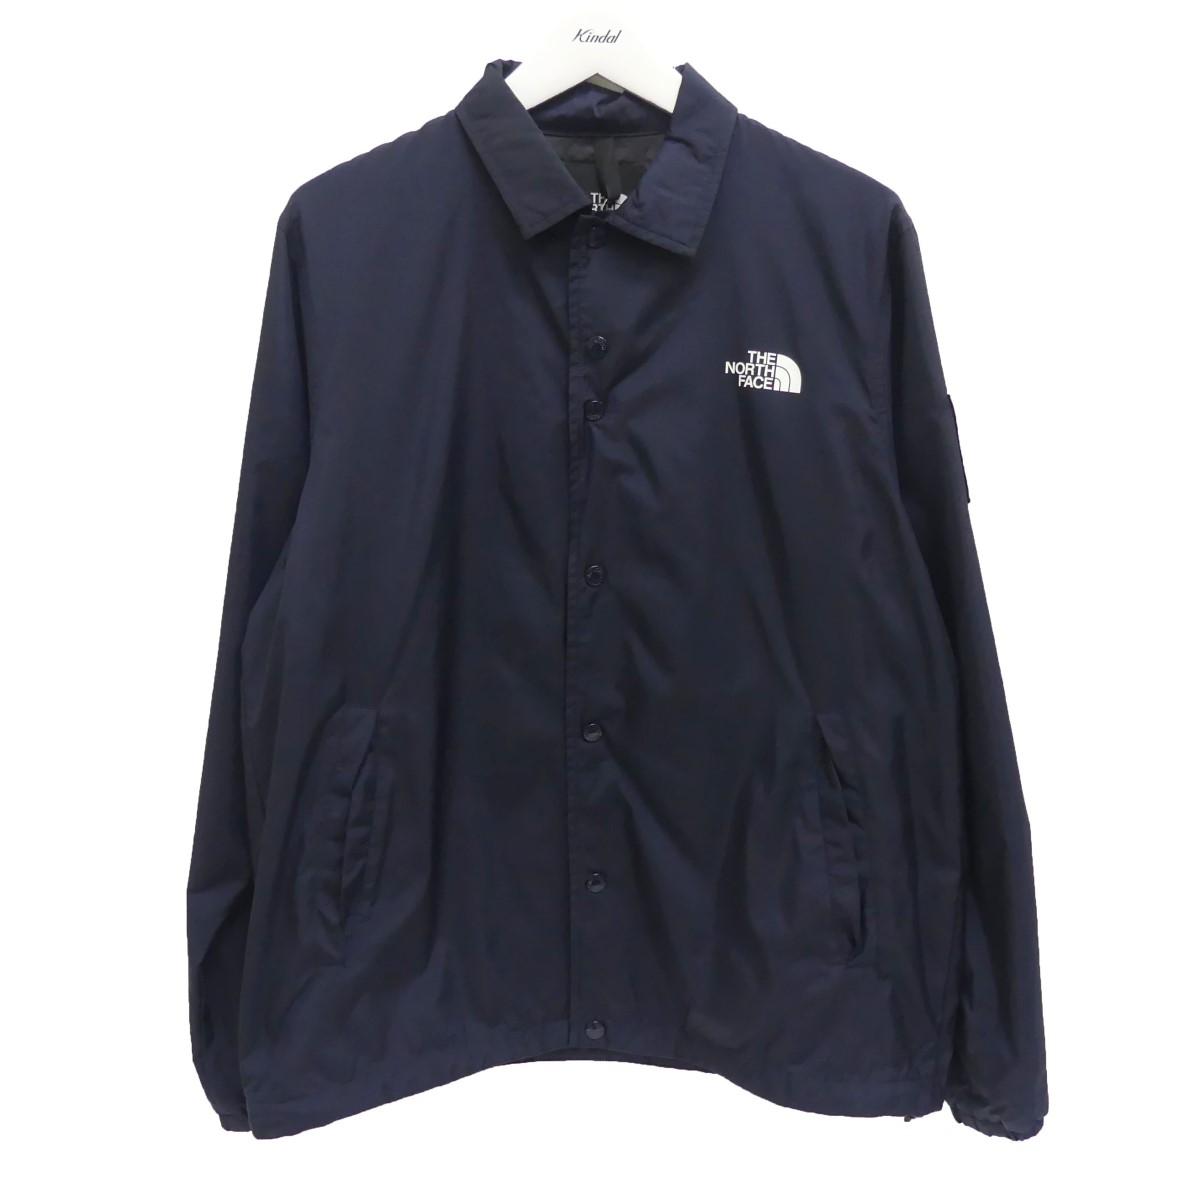 【中古】THE NORTH FACE The Coach Jacket コーチジャケット ネイビー サイズ:L 【150620】(ザノースフェイス)